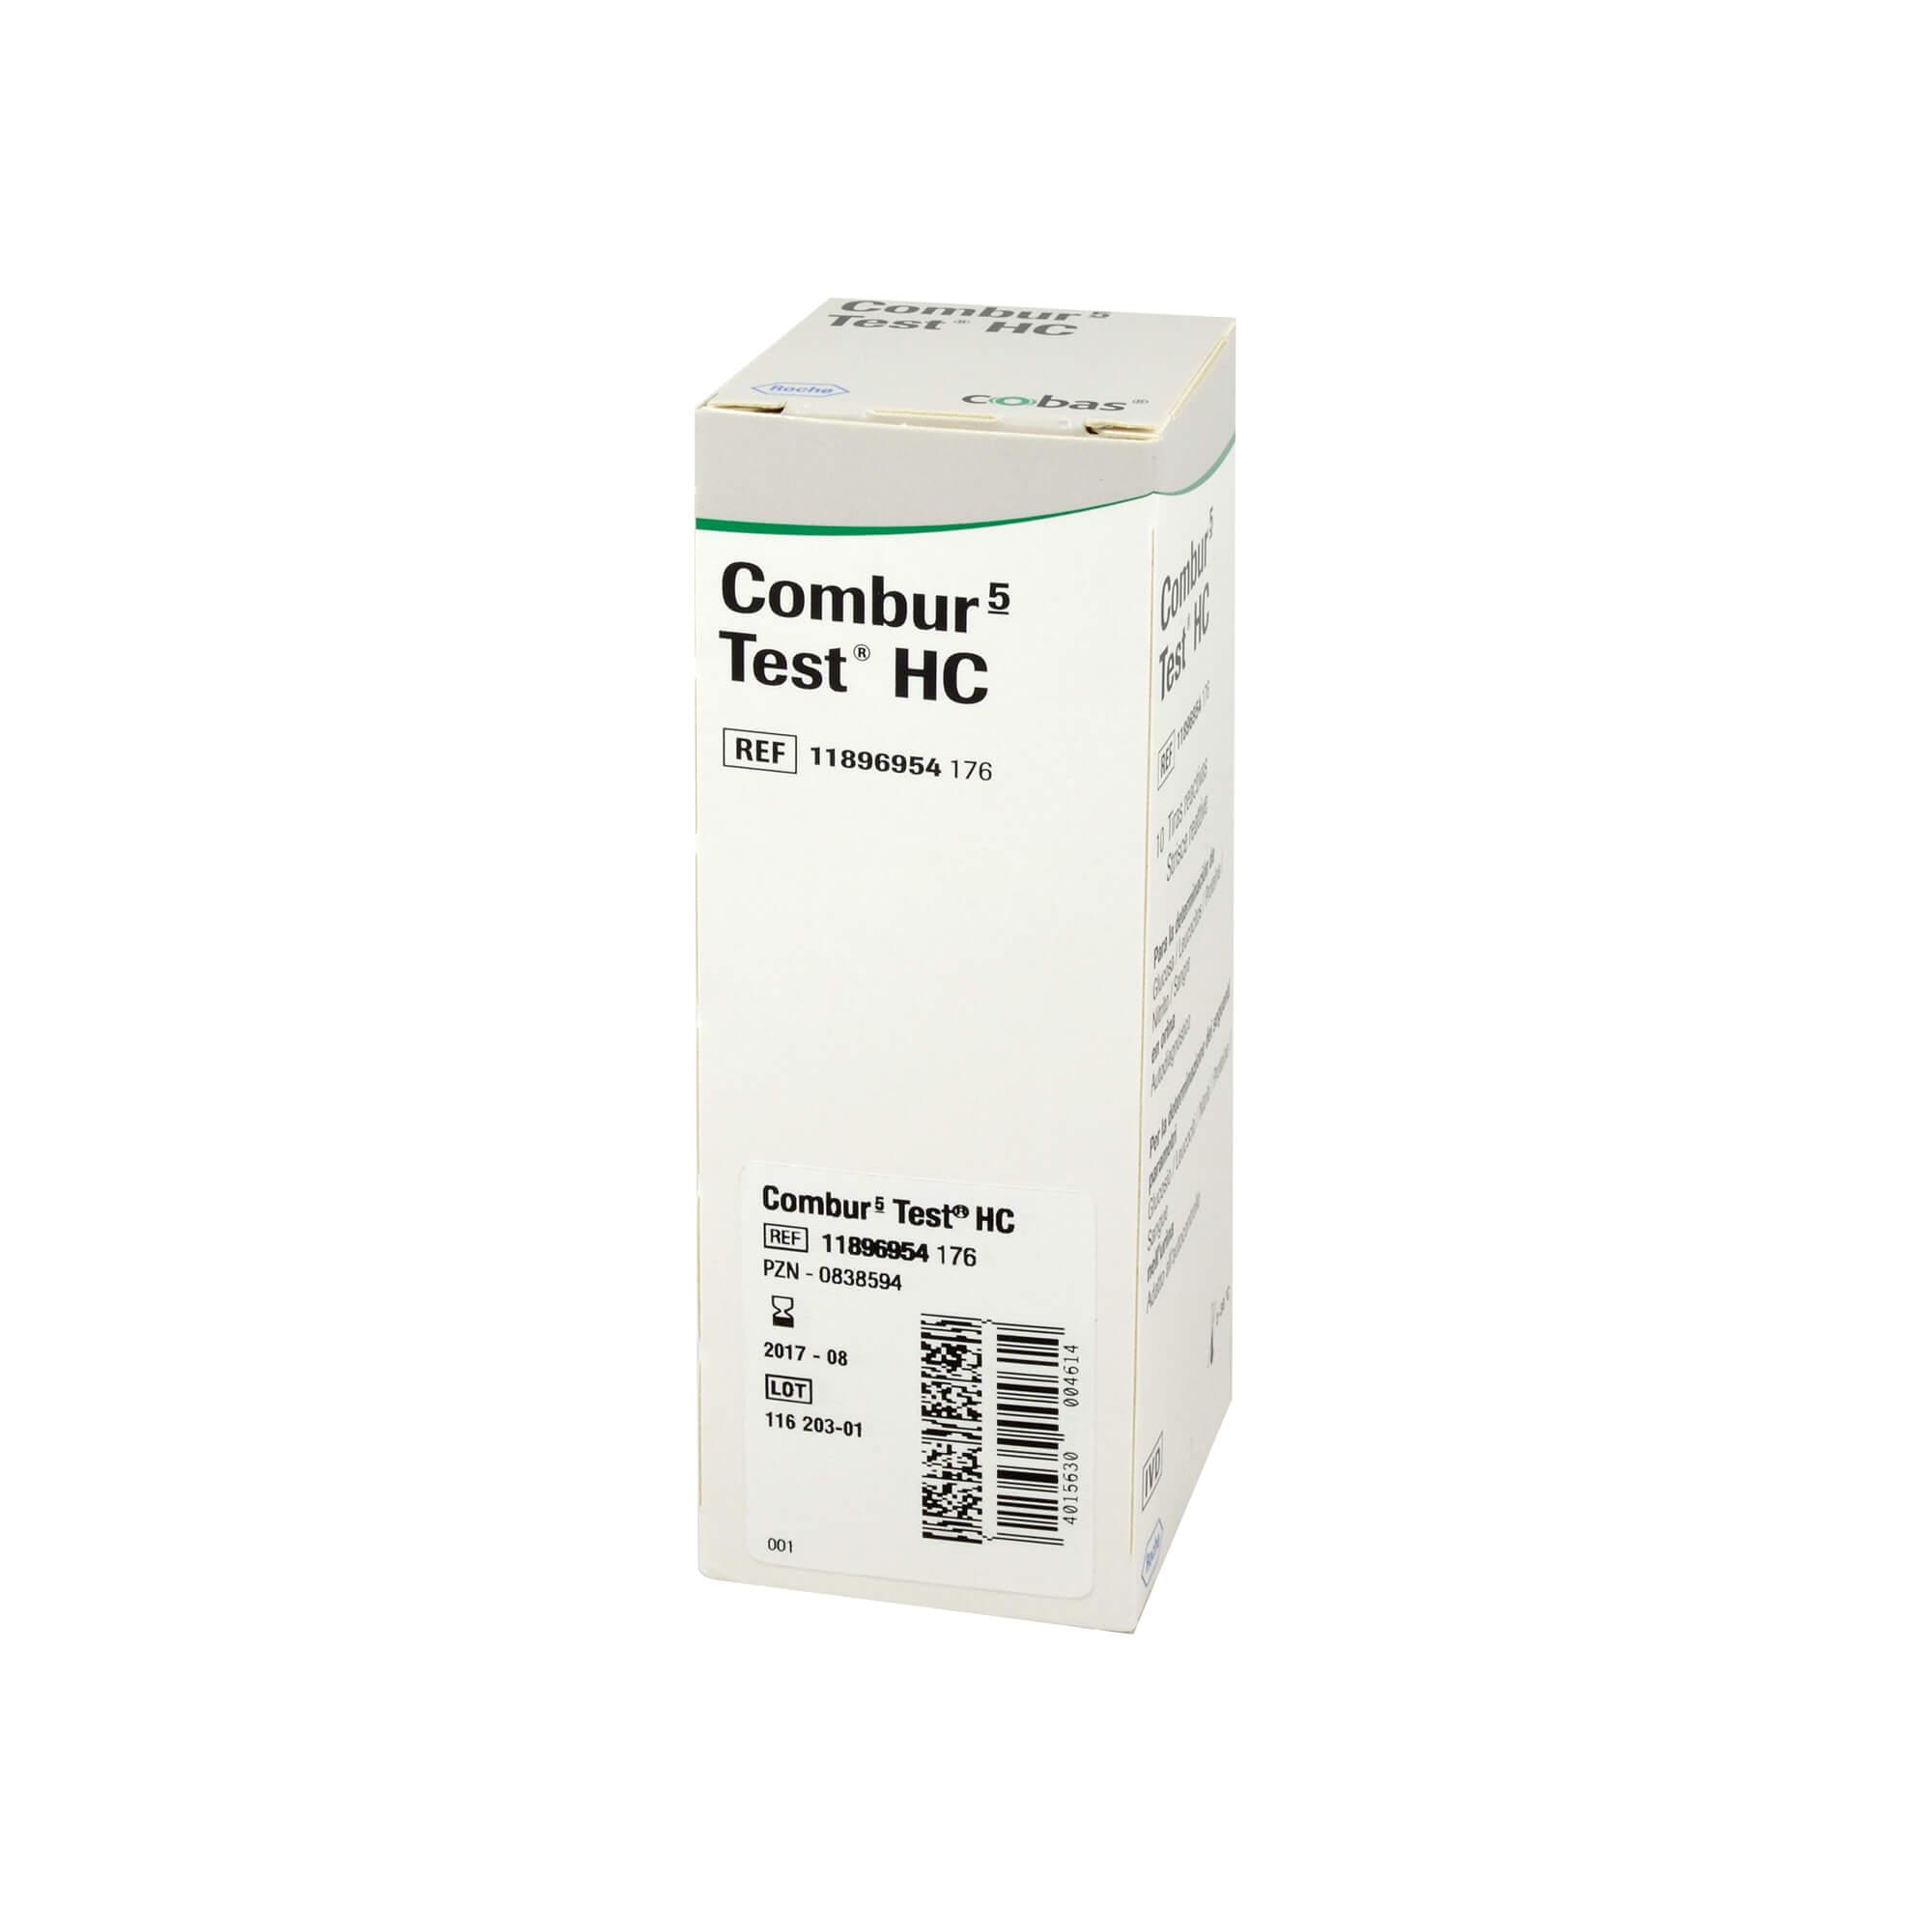 Combur 5 Test HC Teststreifen